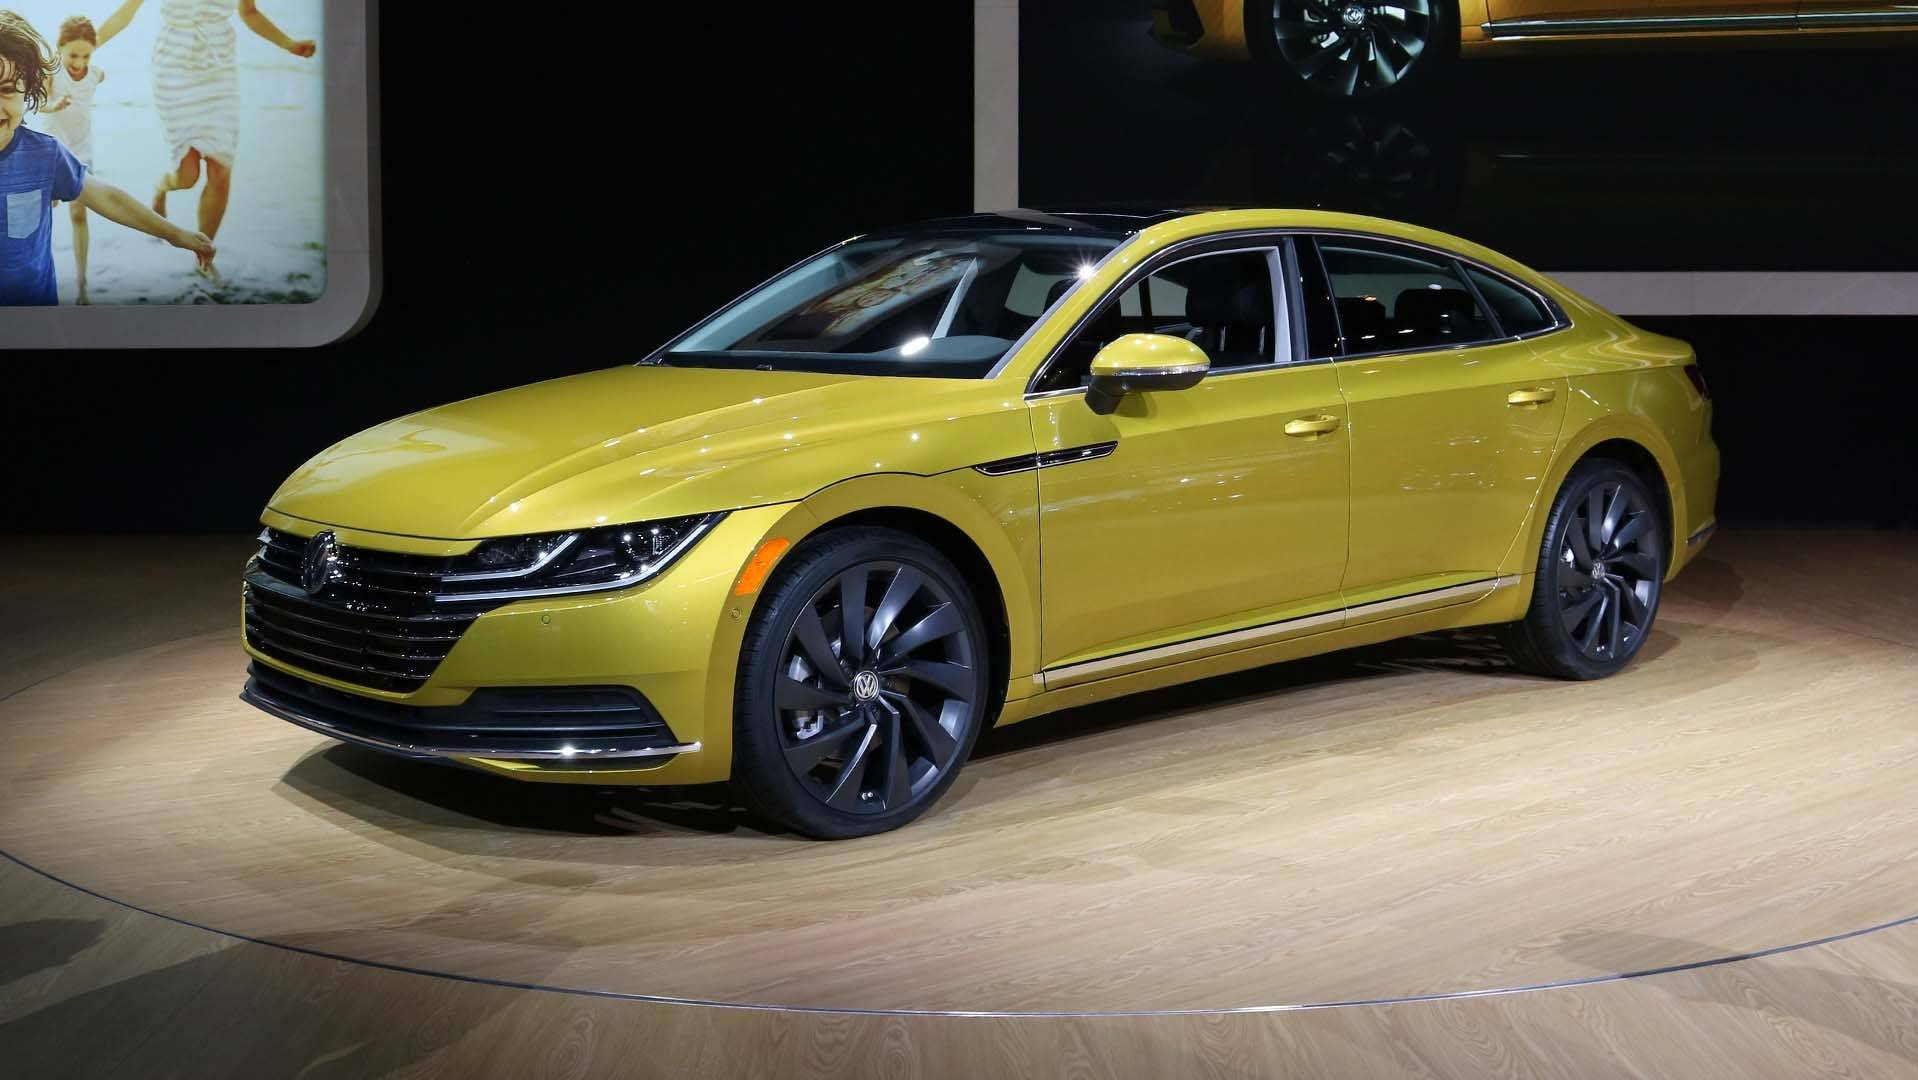 VW Arteon Usa >> 2019 Volkswagen Arteon Brings Its Swooping Roofline To Chicago